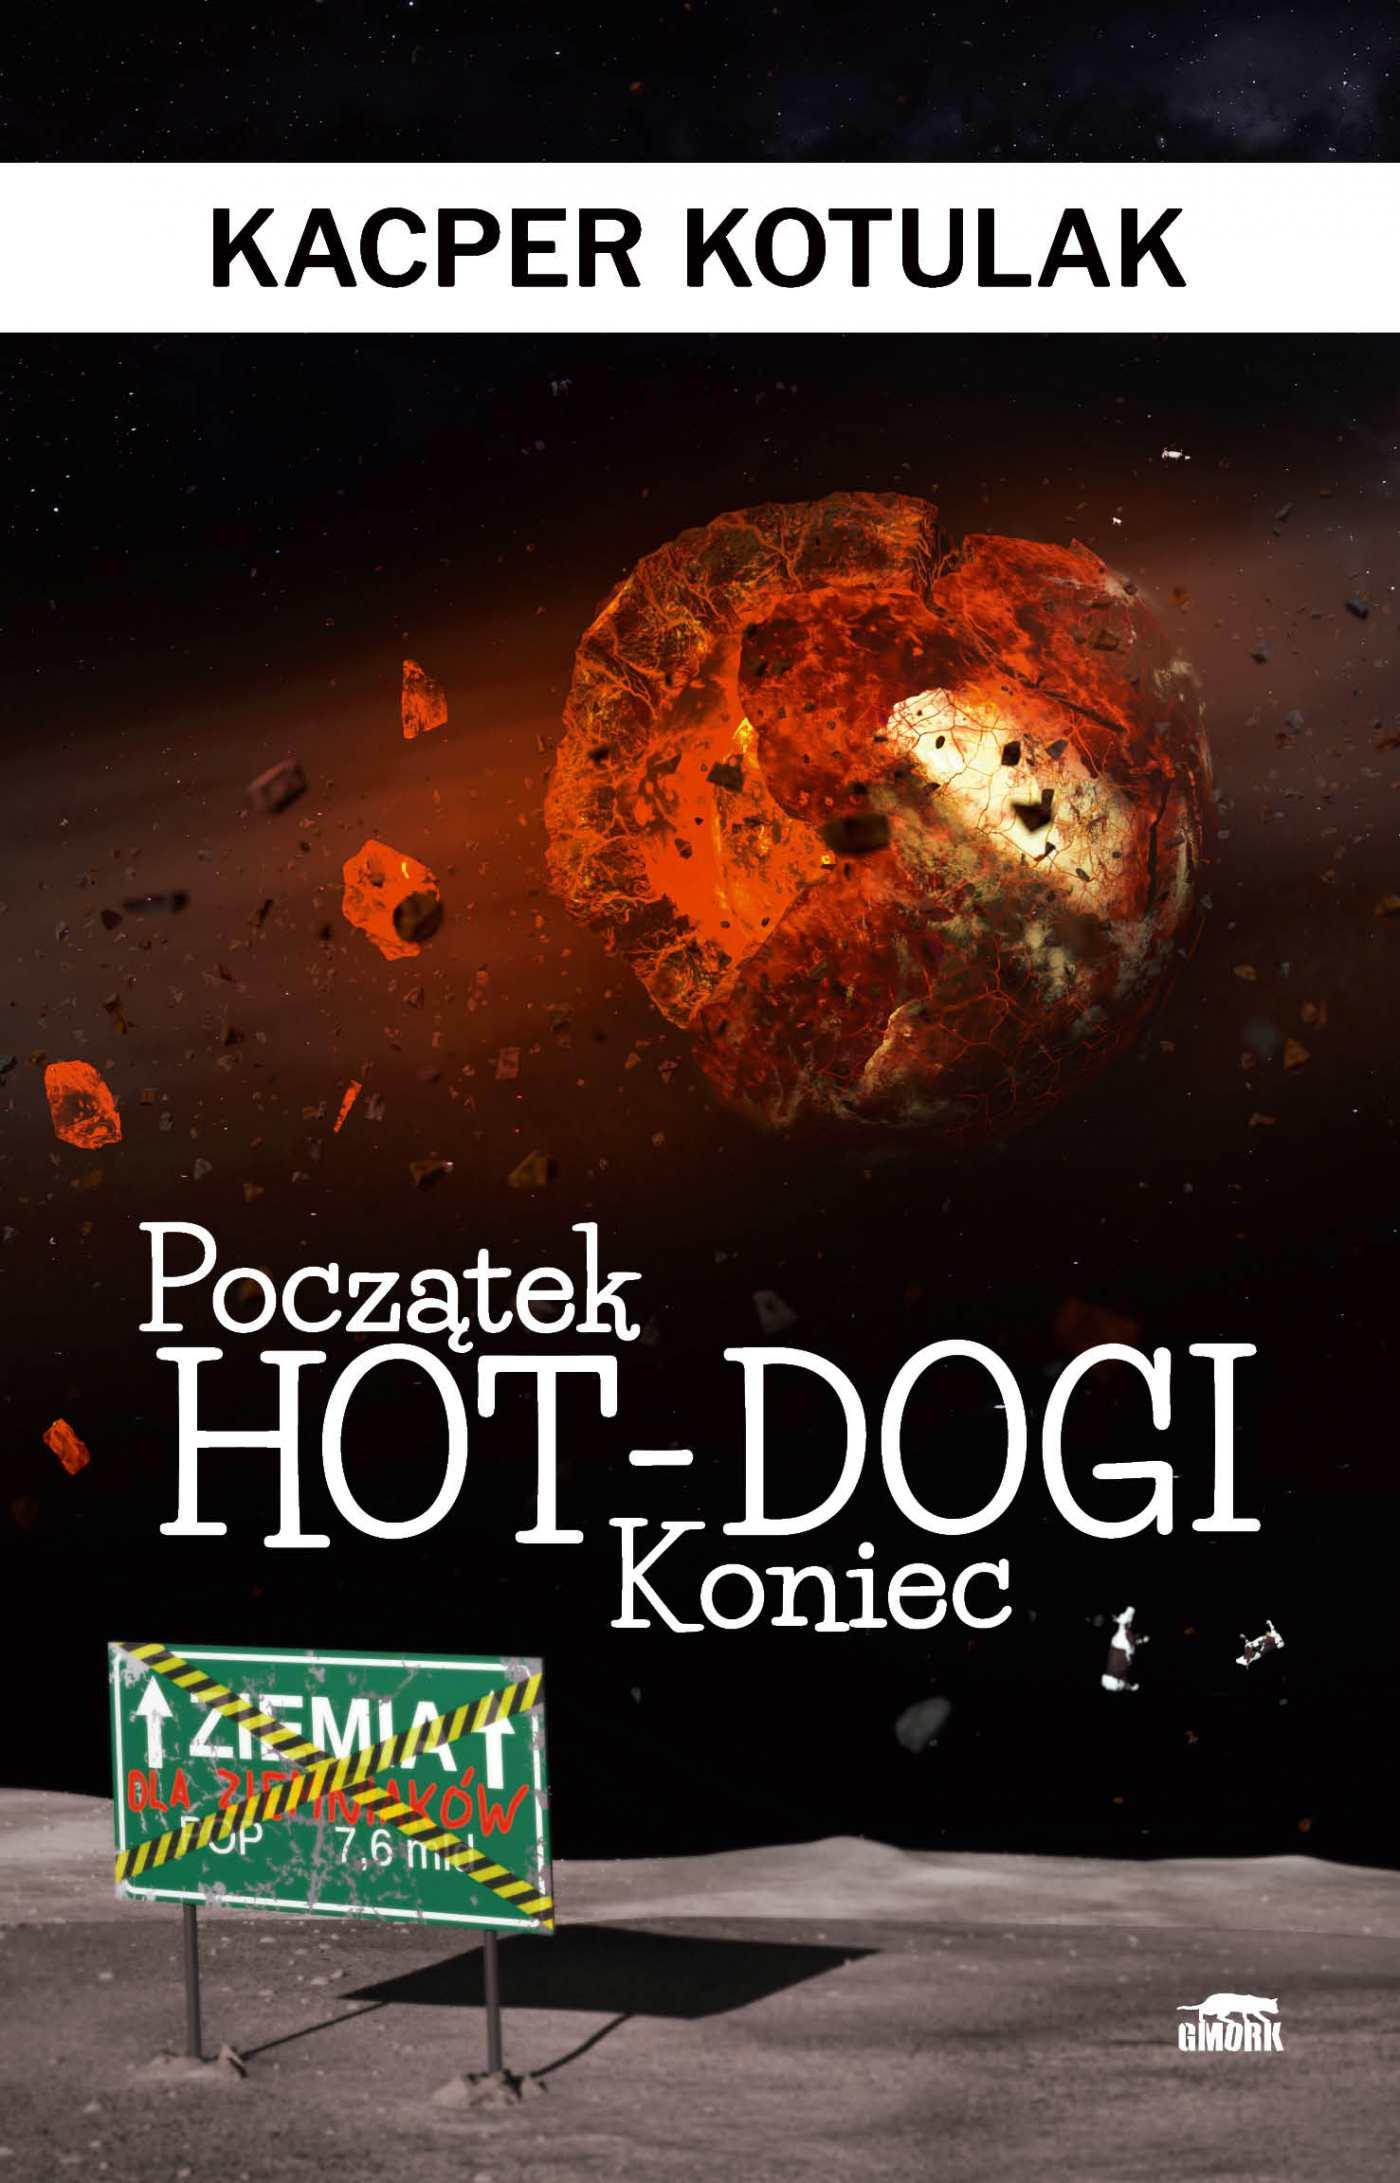 Początek, koniec i hot-dogi - Ebook (Książka EPUB) do pobrania w formacie EPUB